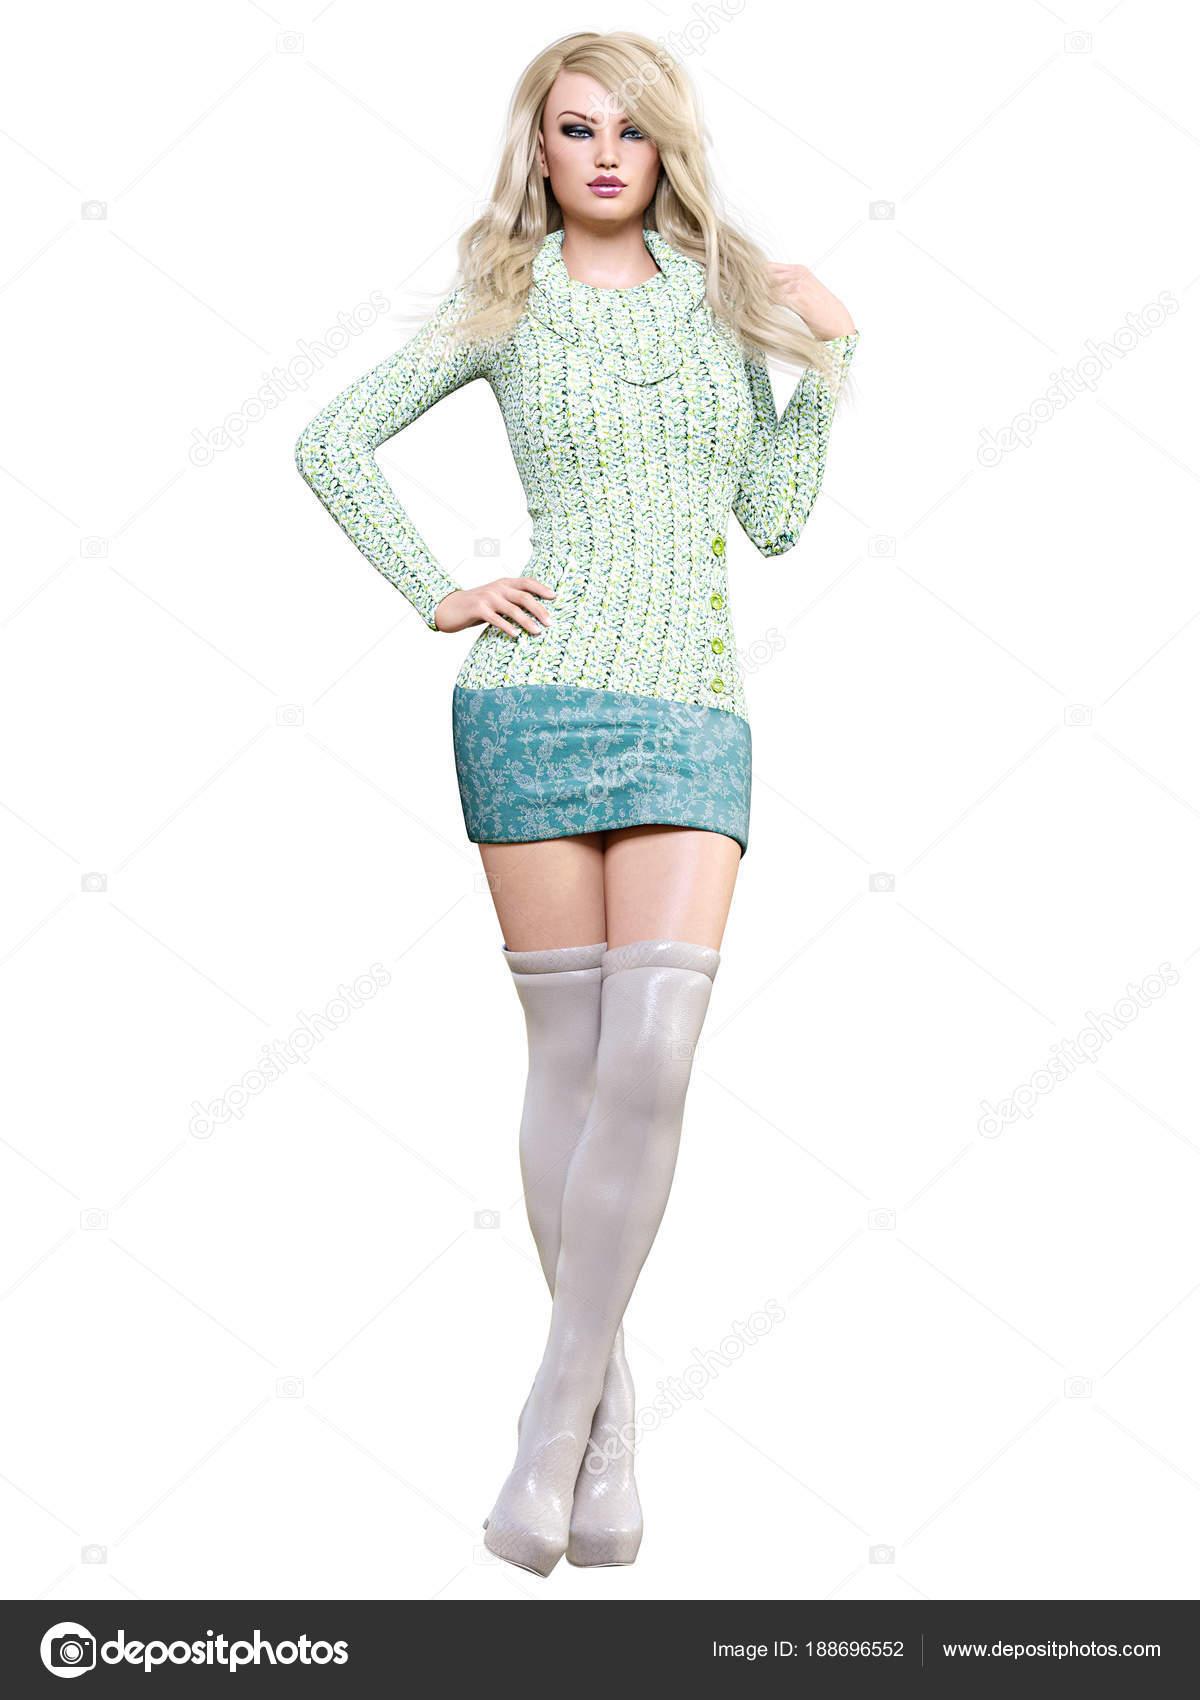 0276f936ba Rubia Hermosa Vestido Corto Botas Largos Colección Primavera Otoño  Maquillaje — Fotos de Stock